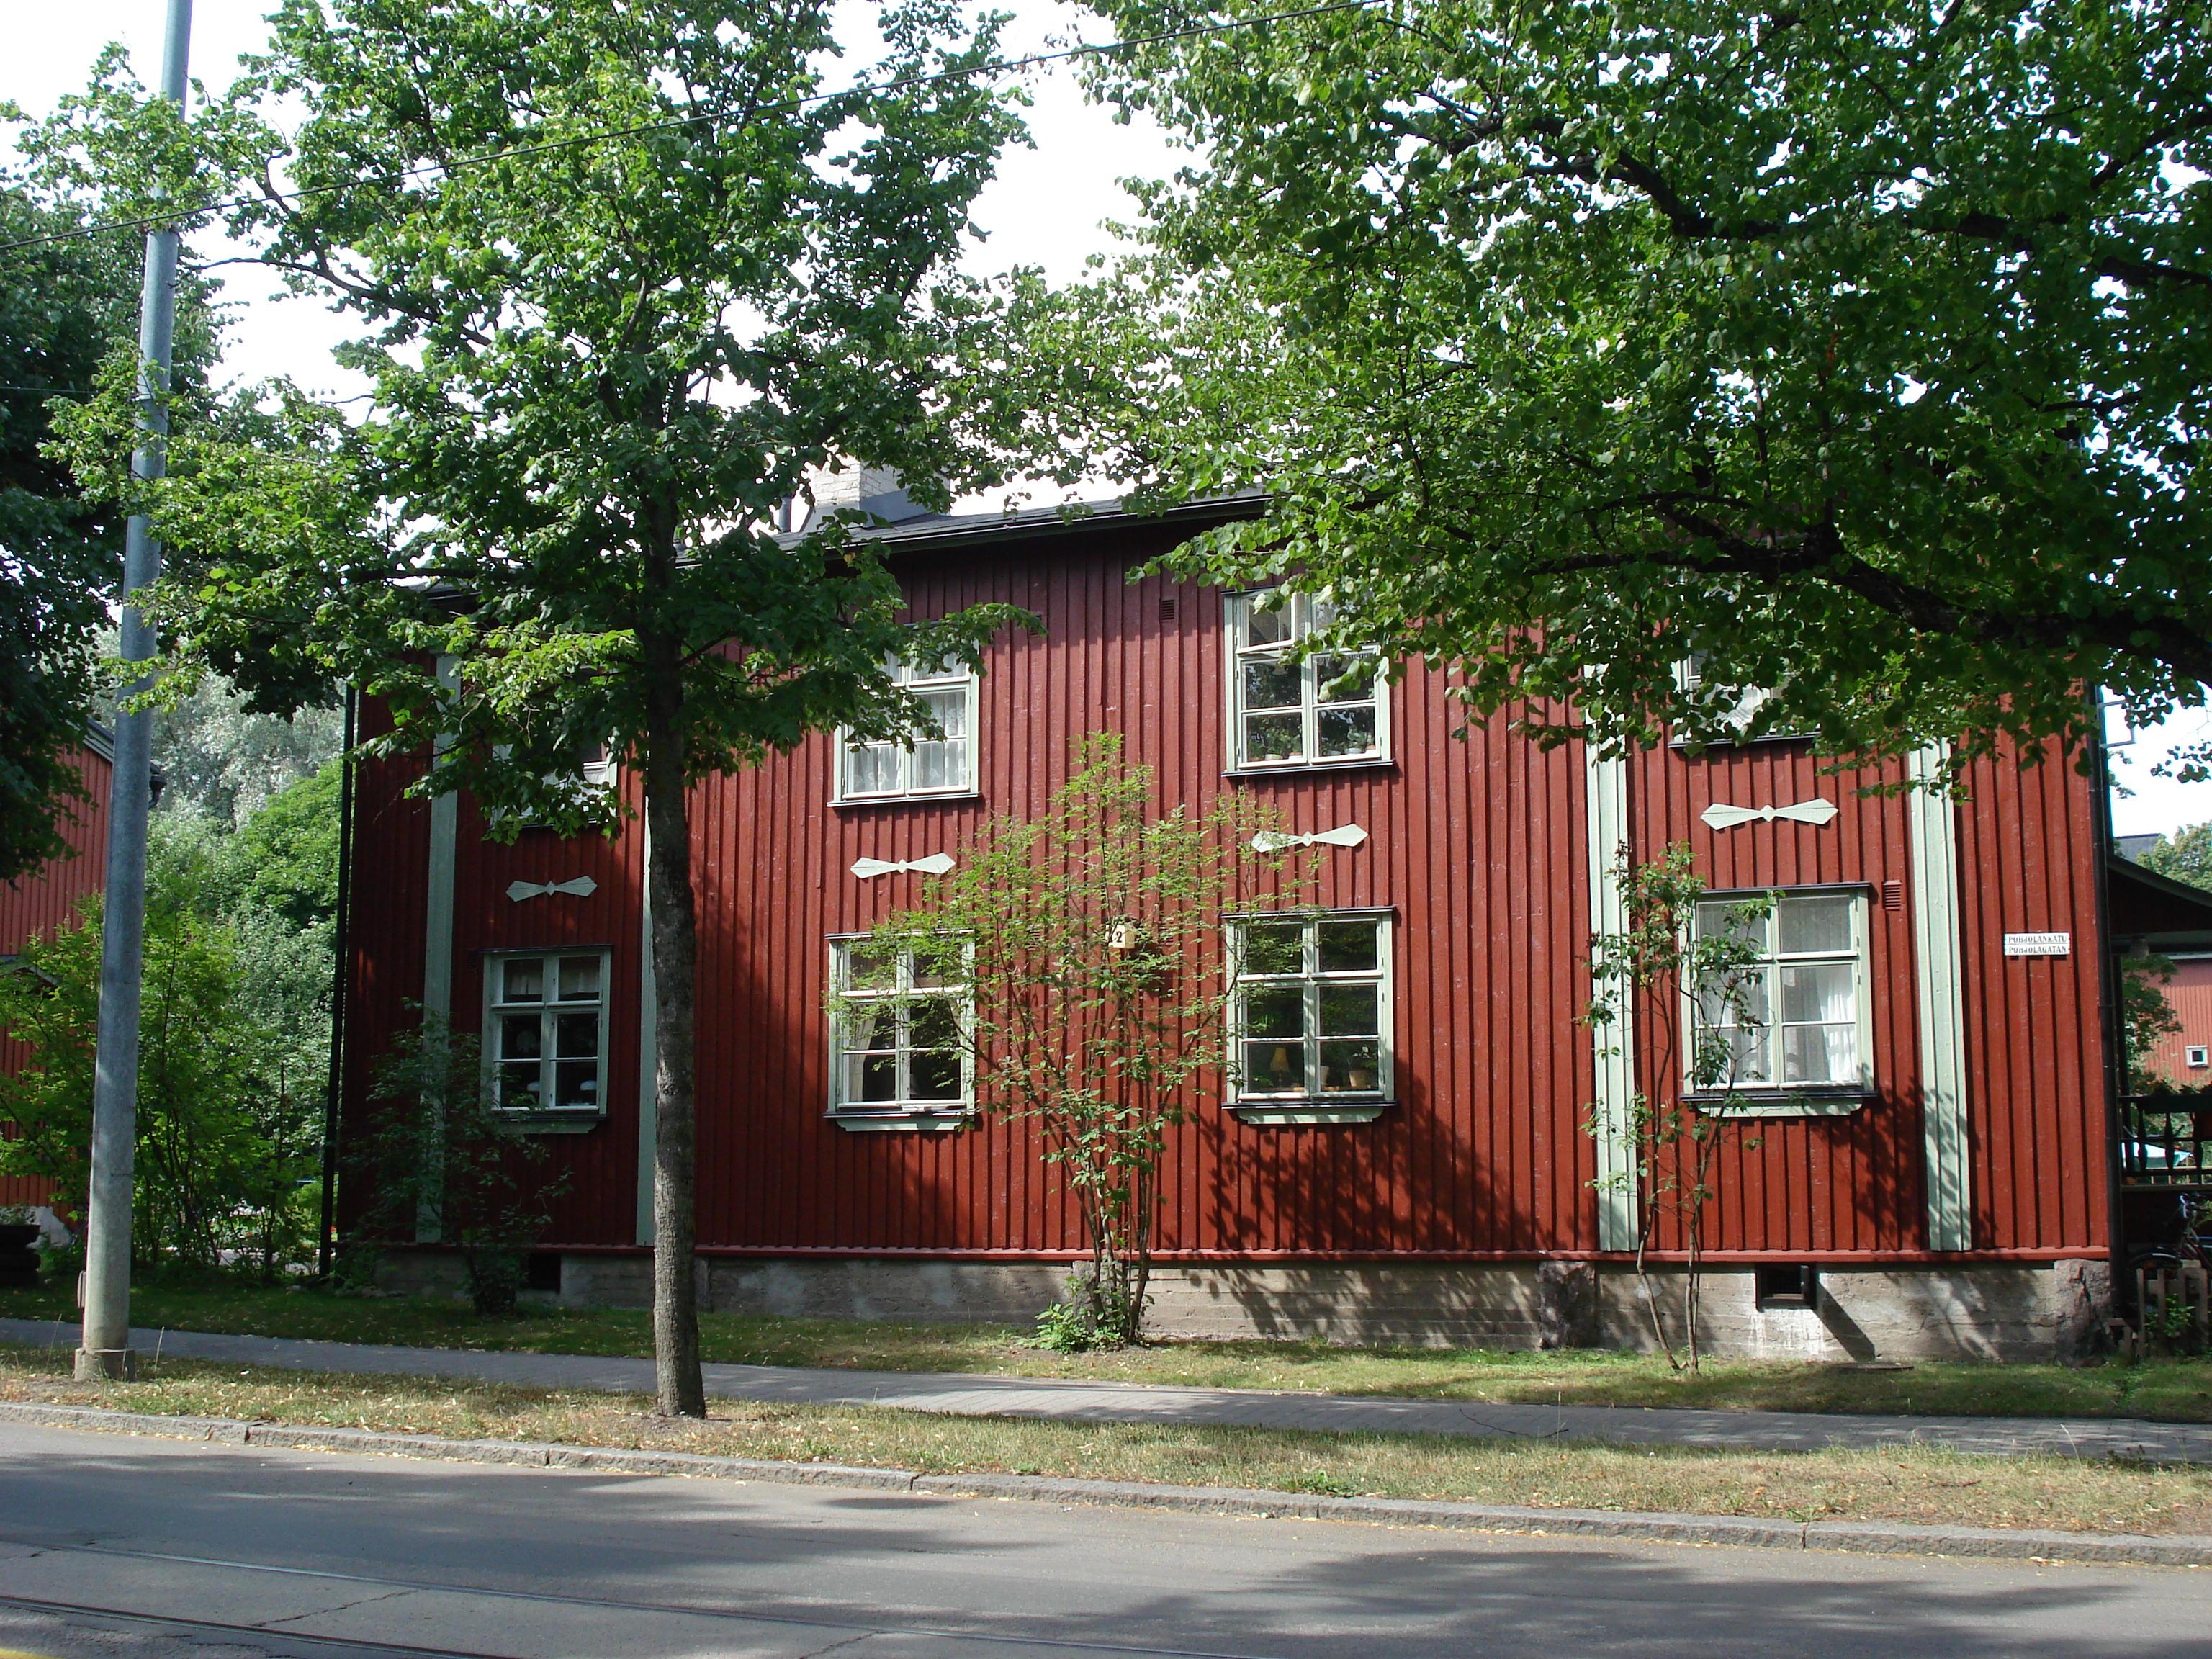 Helsinkis Stadtteil Käpylä